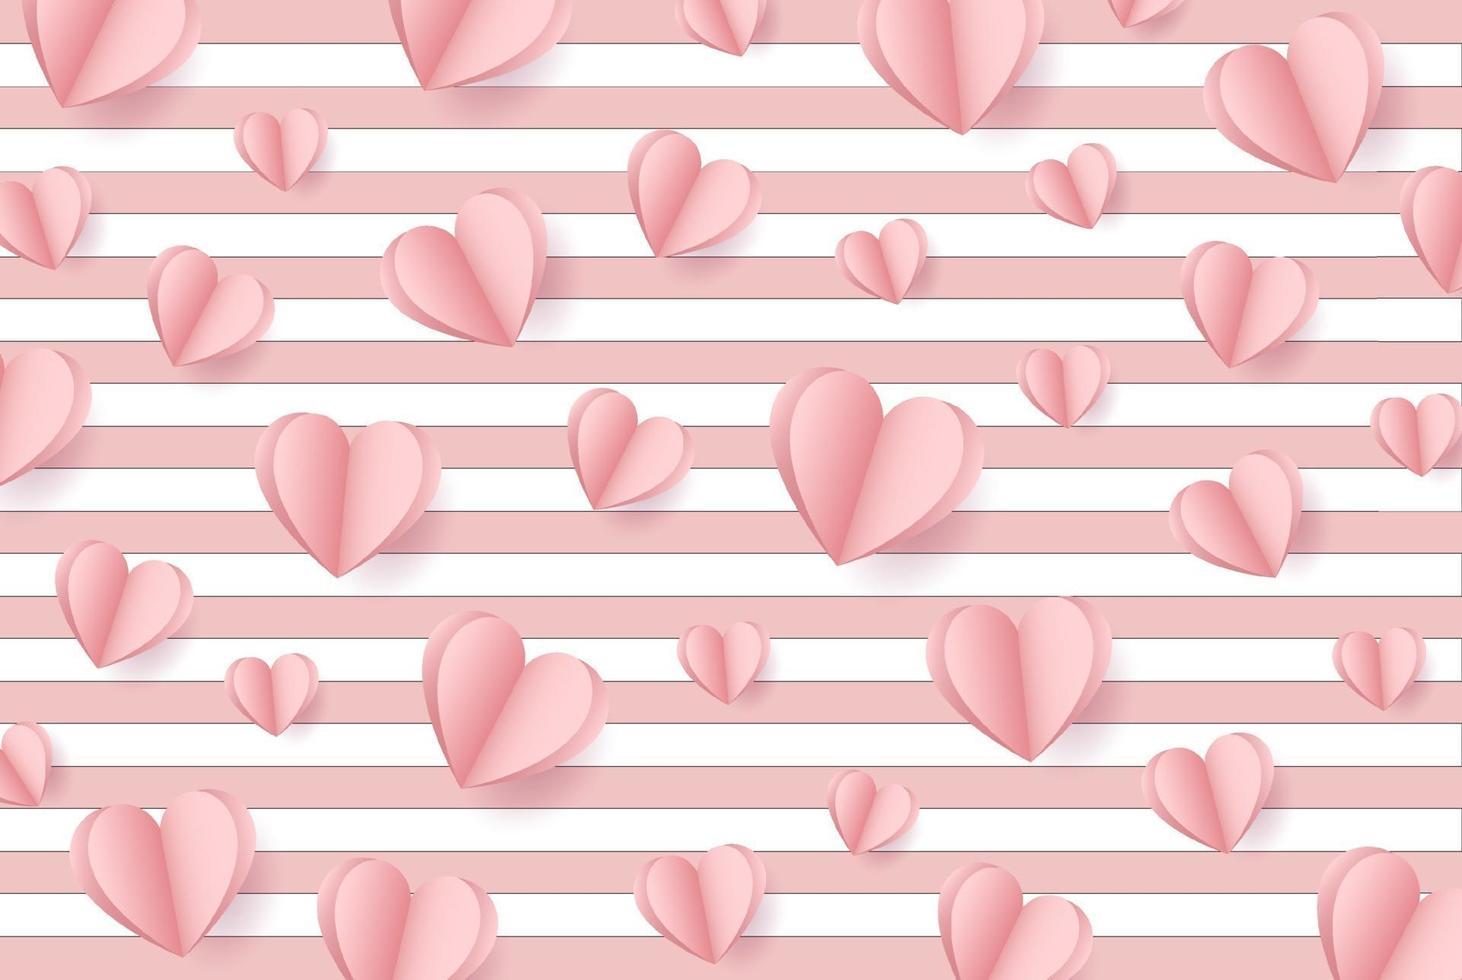 feliz día de San Valentín. con concepto creativo de globo de amor rosa sobre fondo rosa pastel para espacio de copia. concepto mínimo. ilustración vectorial vector